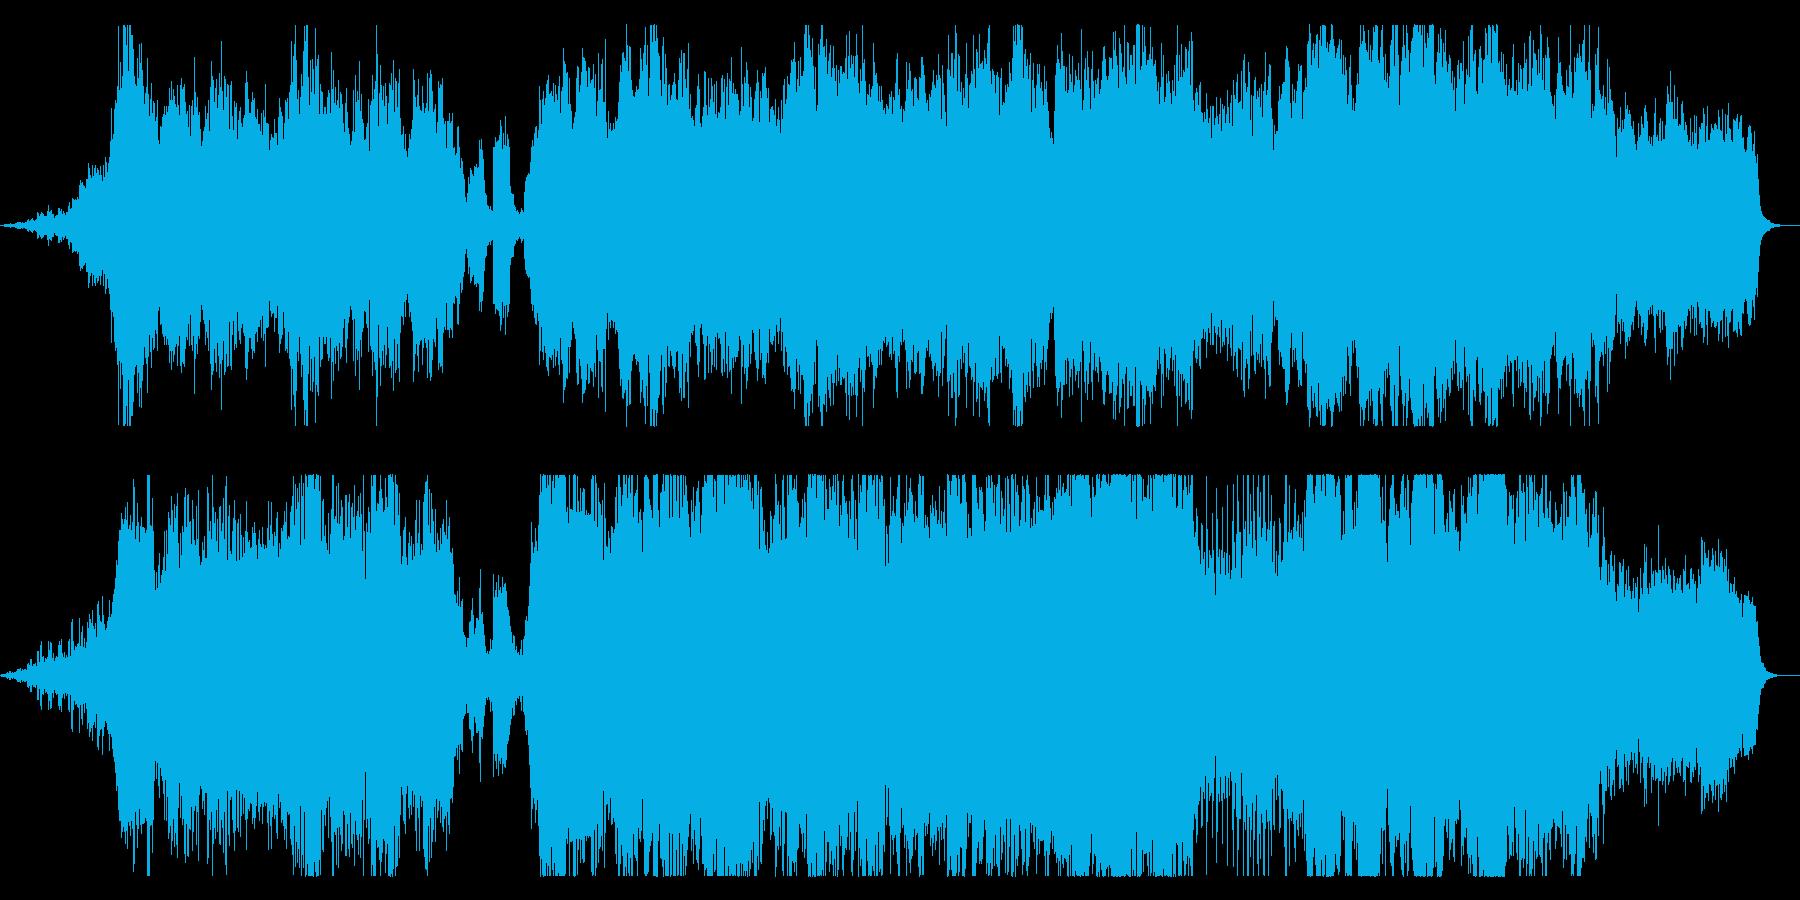 ダークファンタジーなBGM コーラス抜きの再生済みの波形